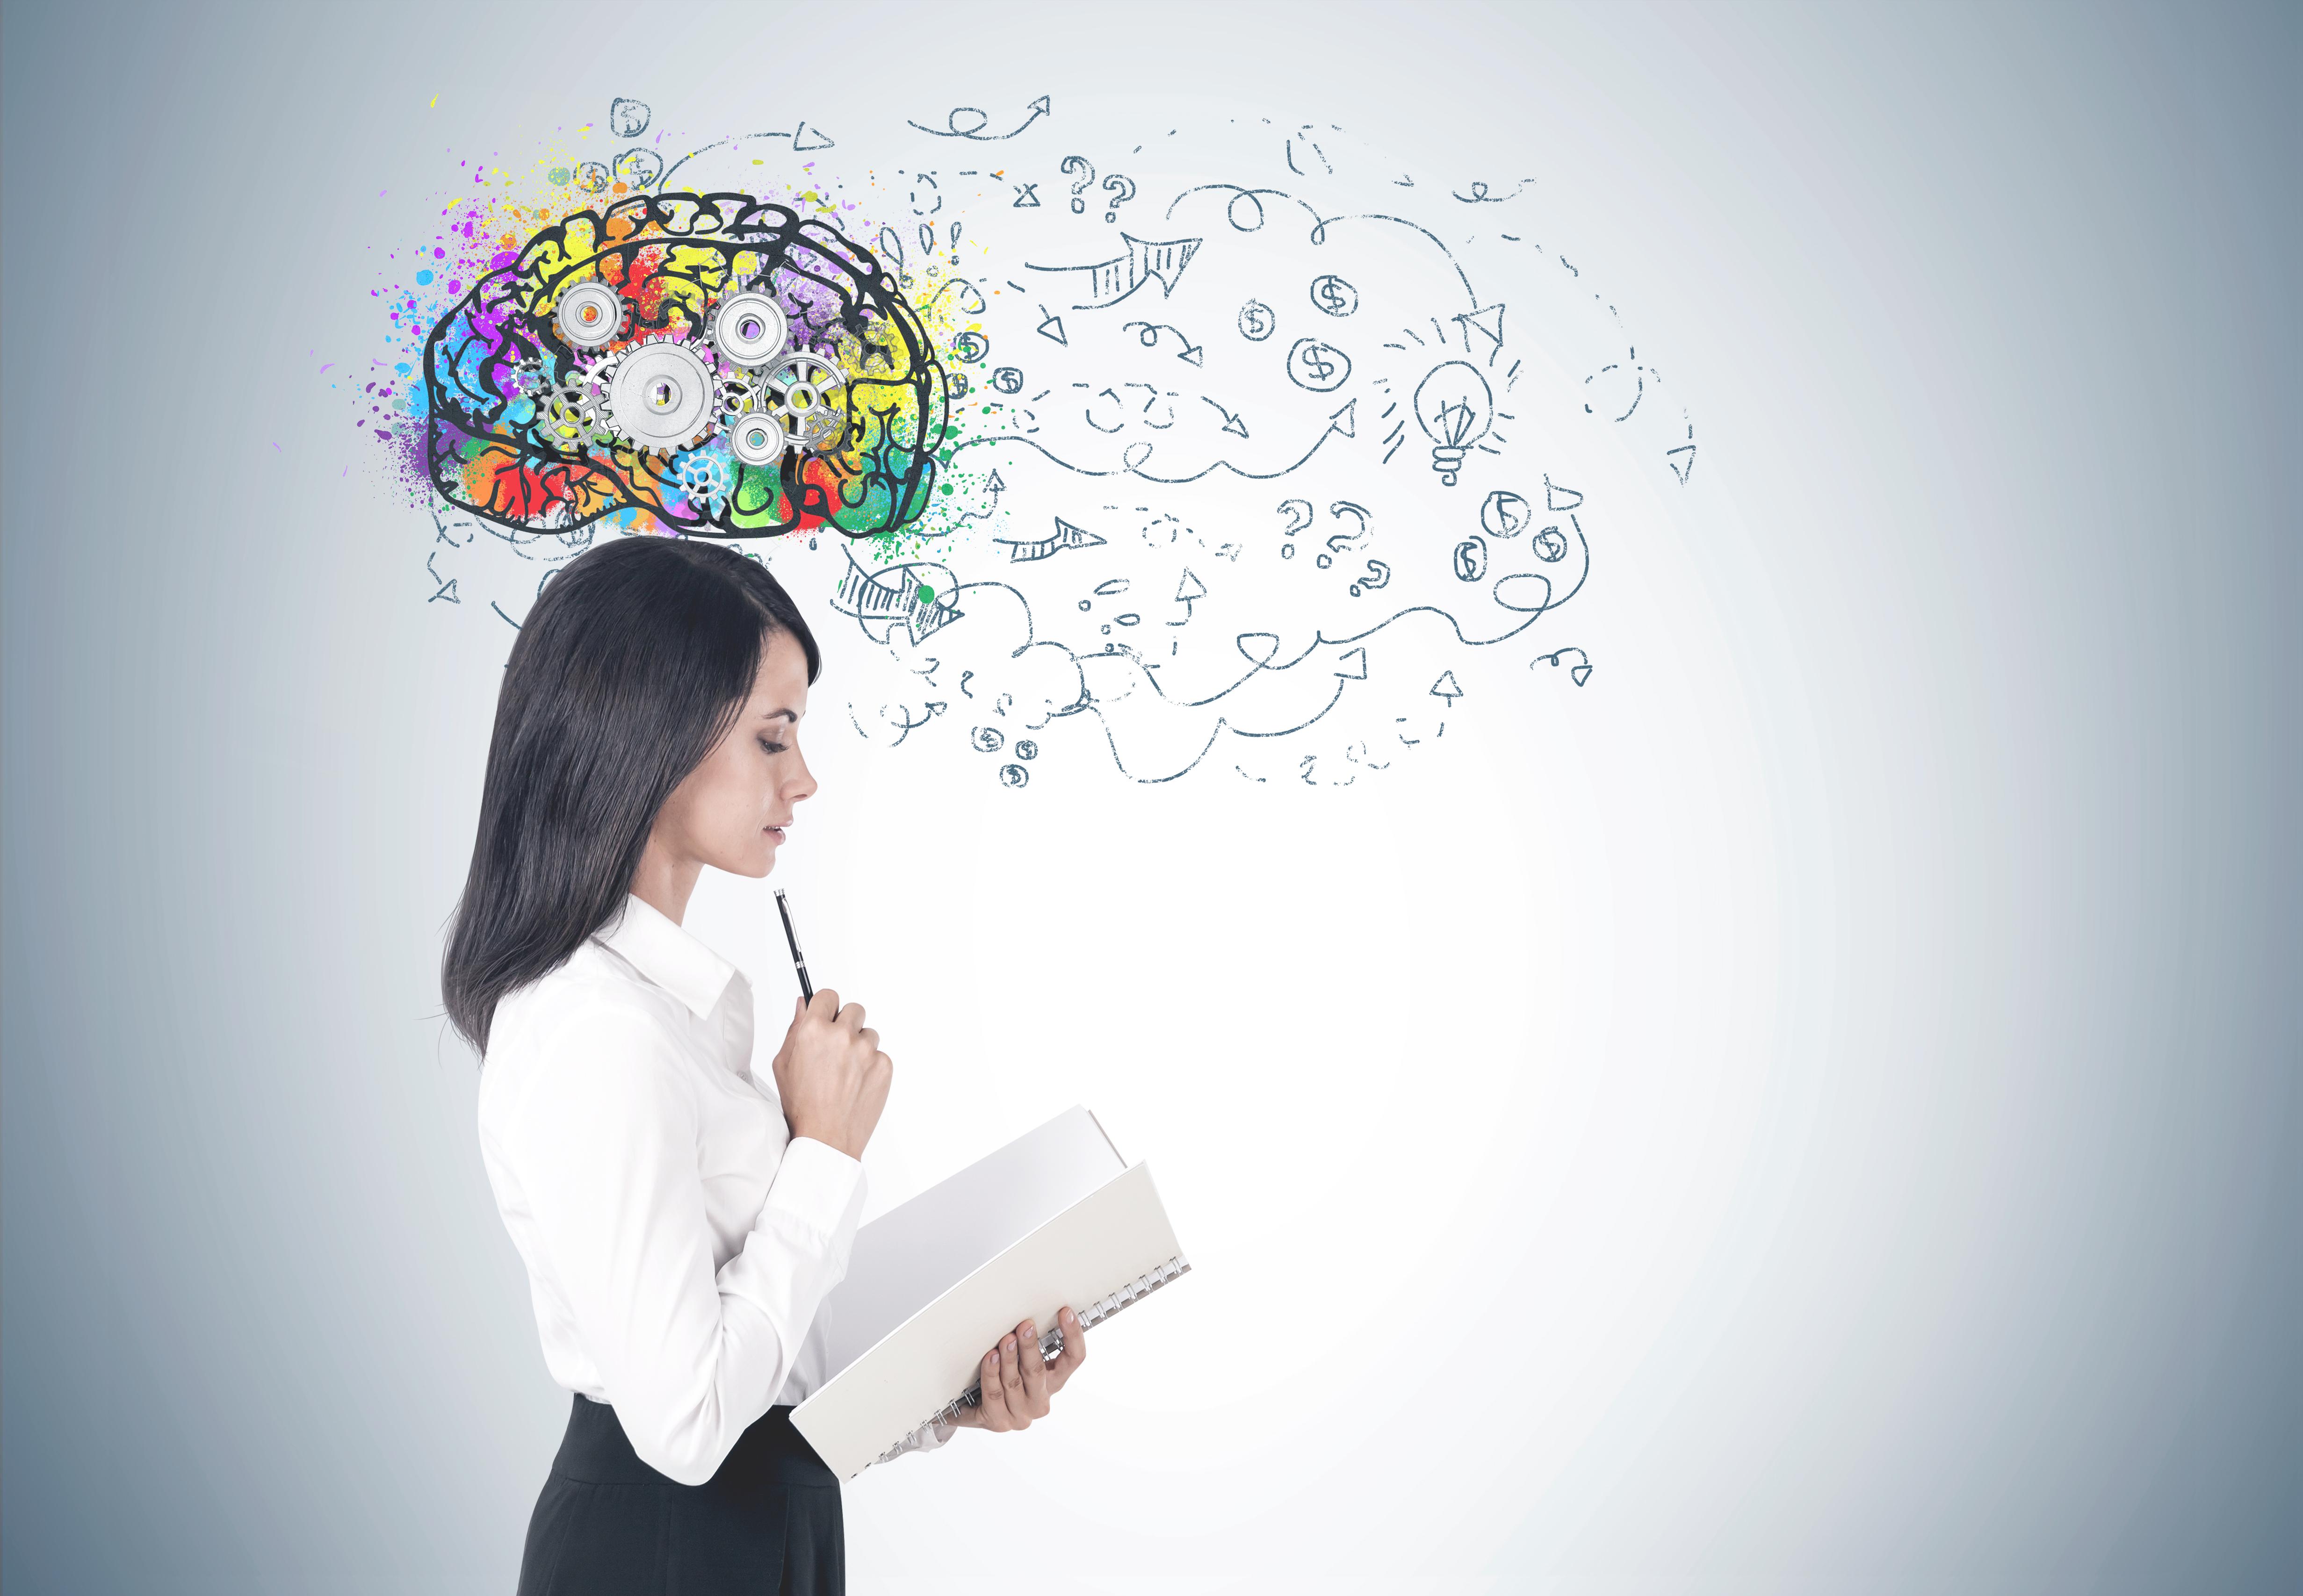 Тренировки равновесия и баланса улучшают работу памяти и когнитивные способности человека